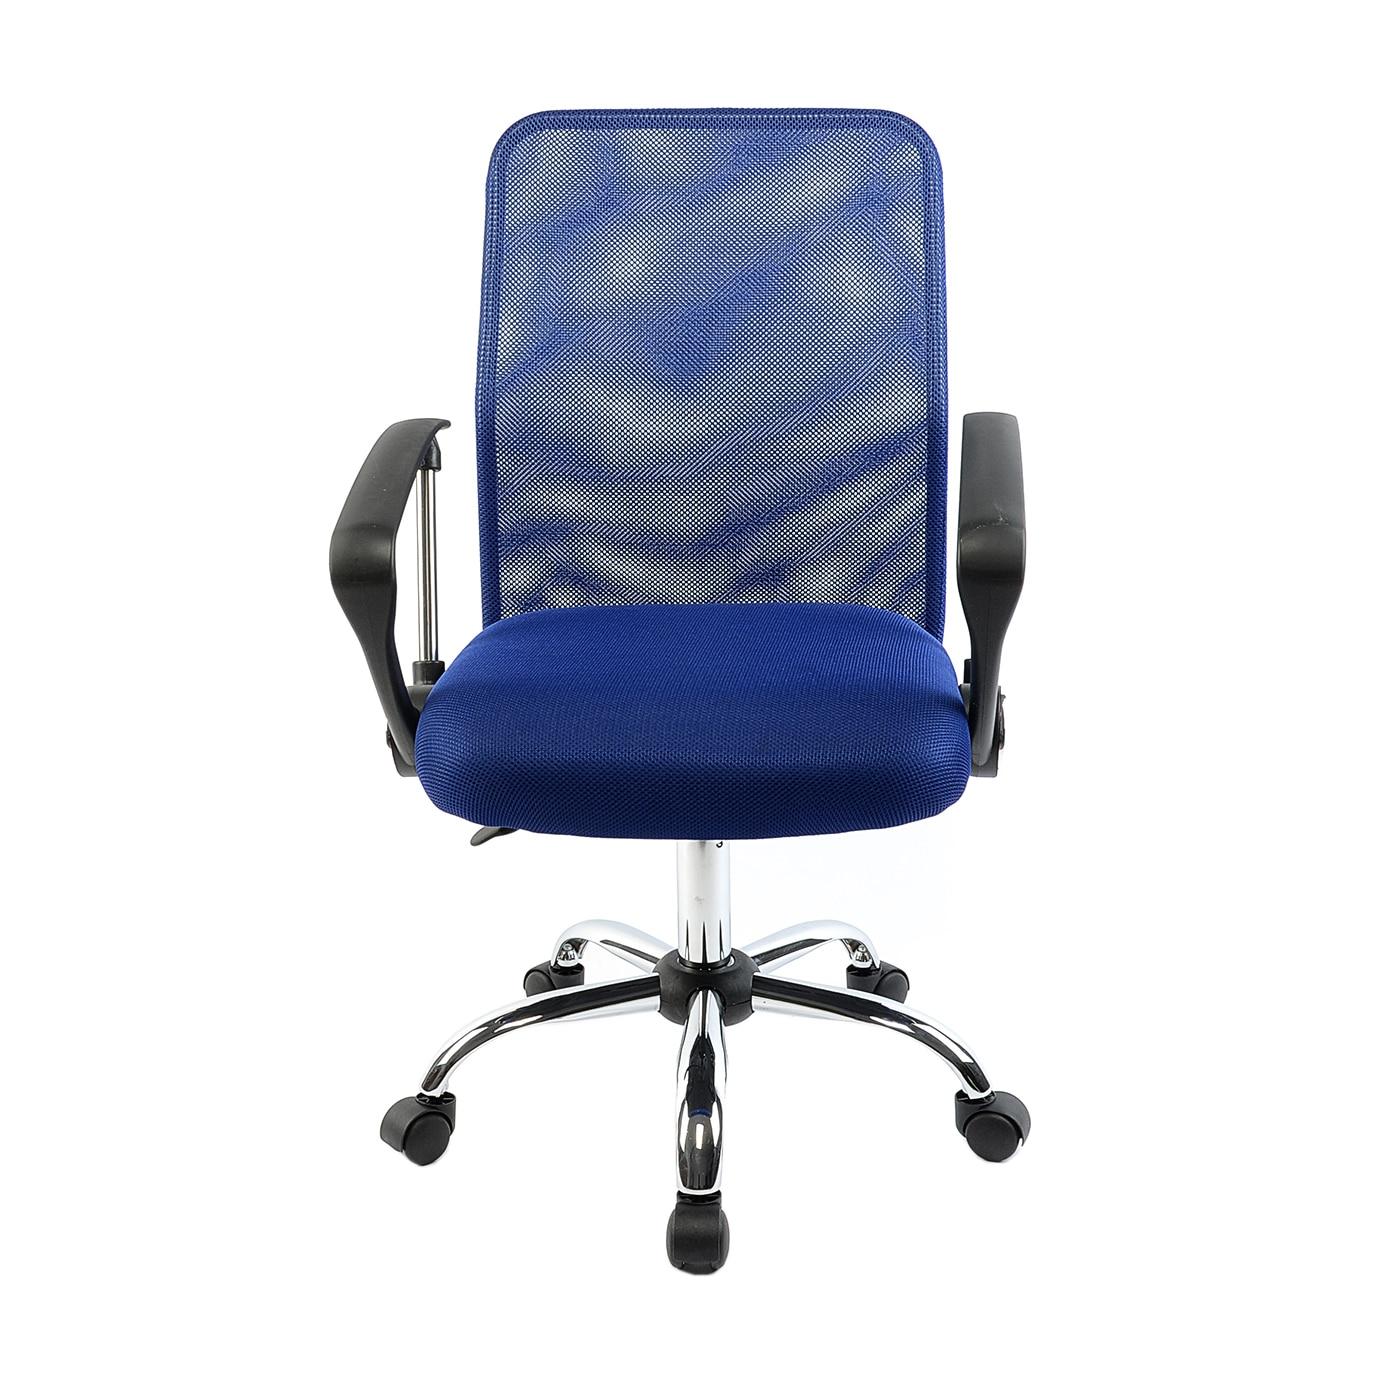 Kring Eco Irodai szék, Kék